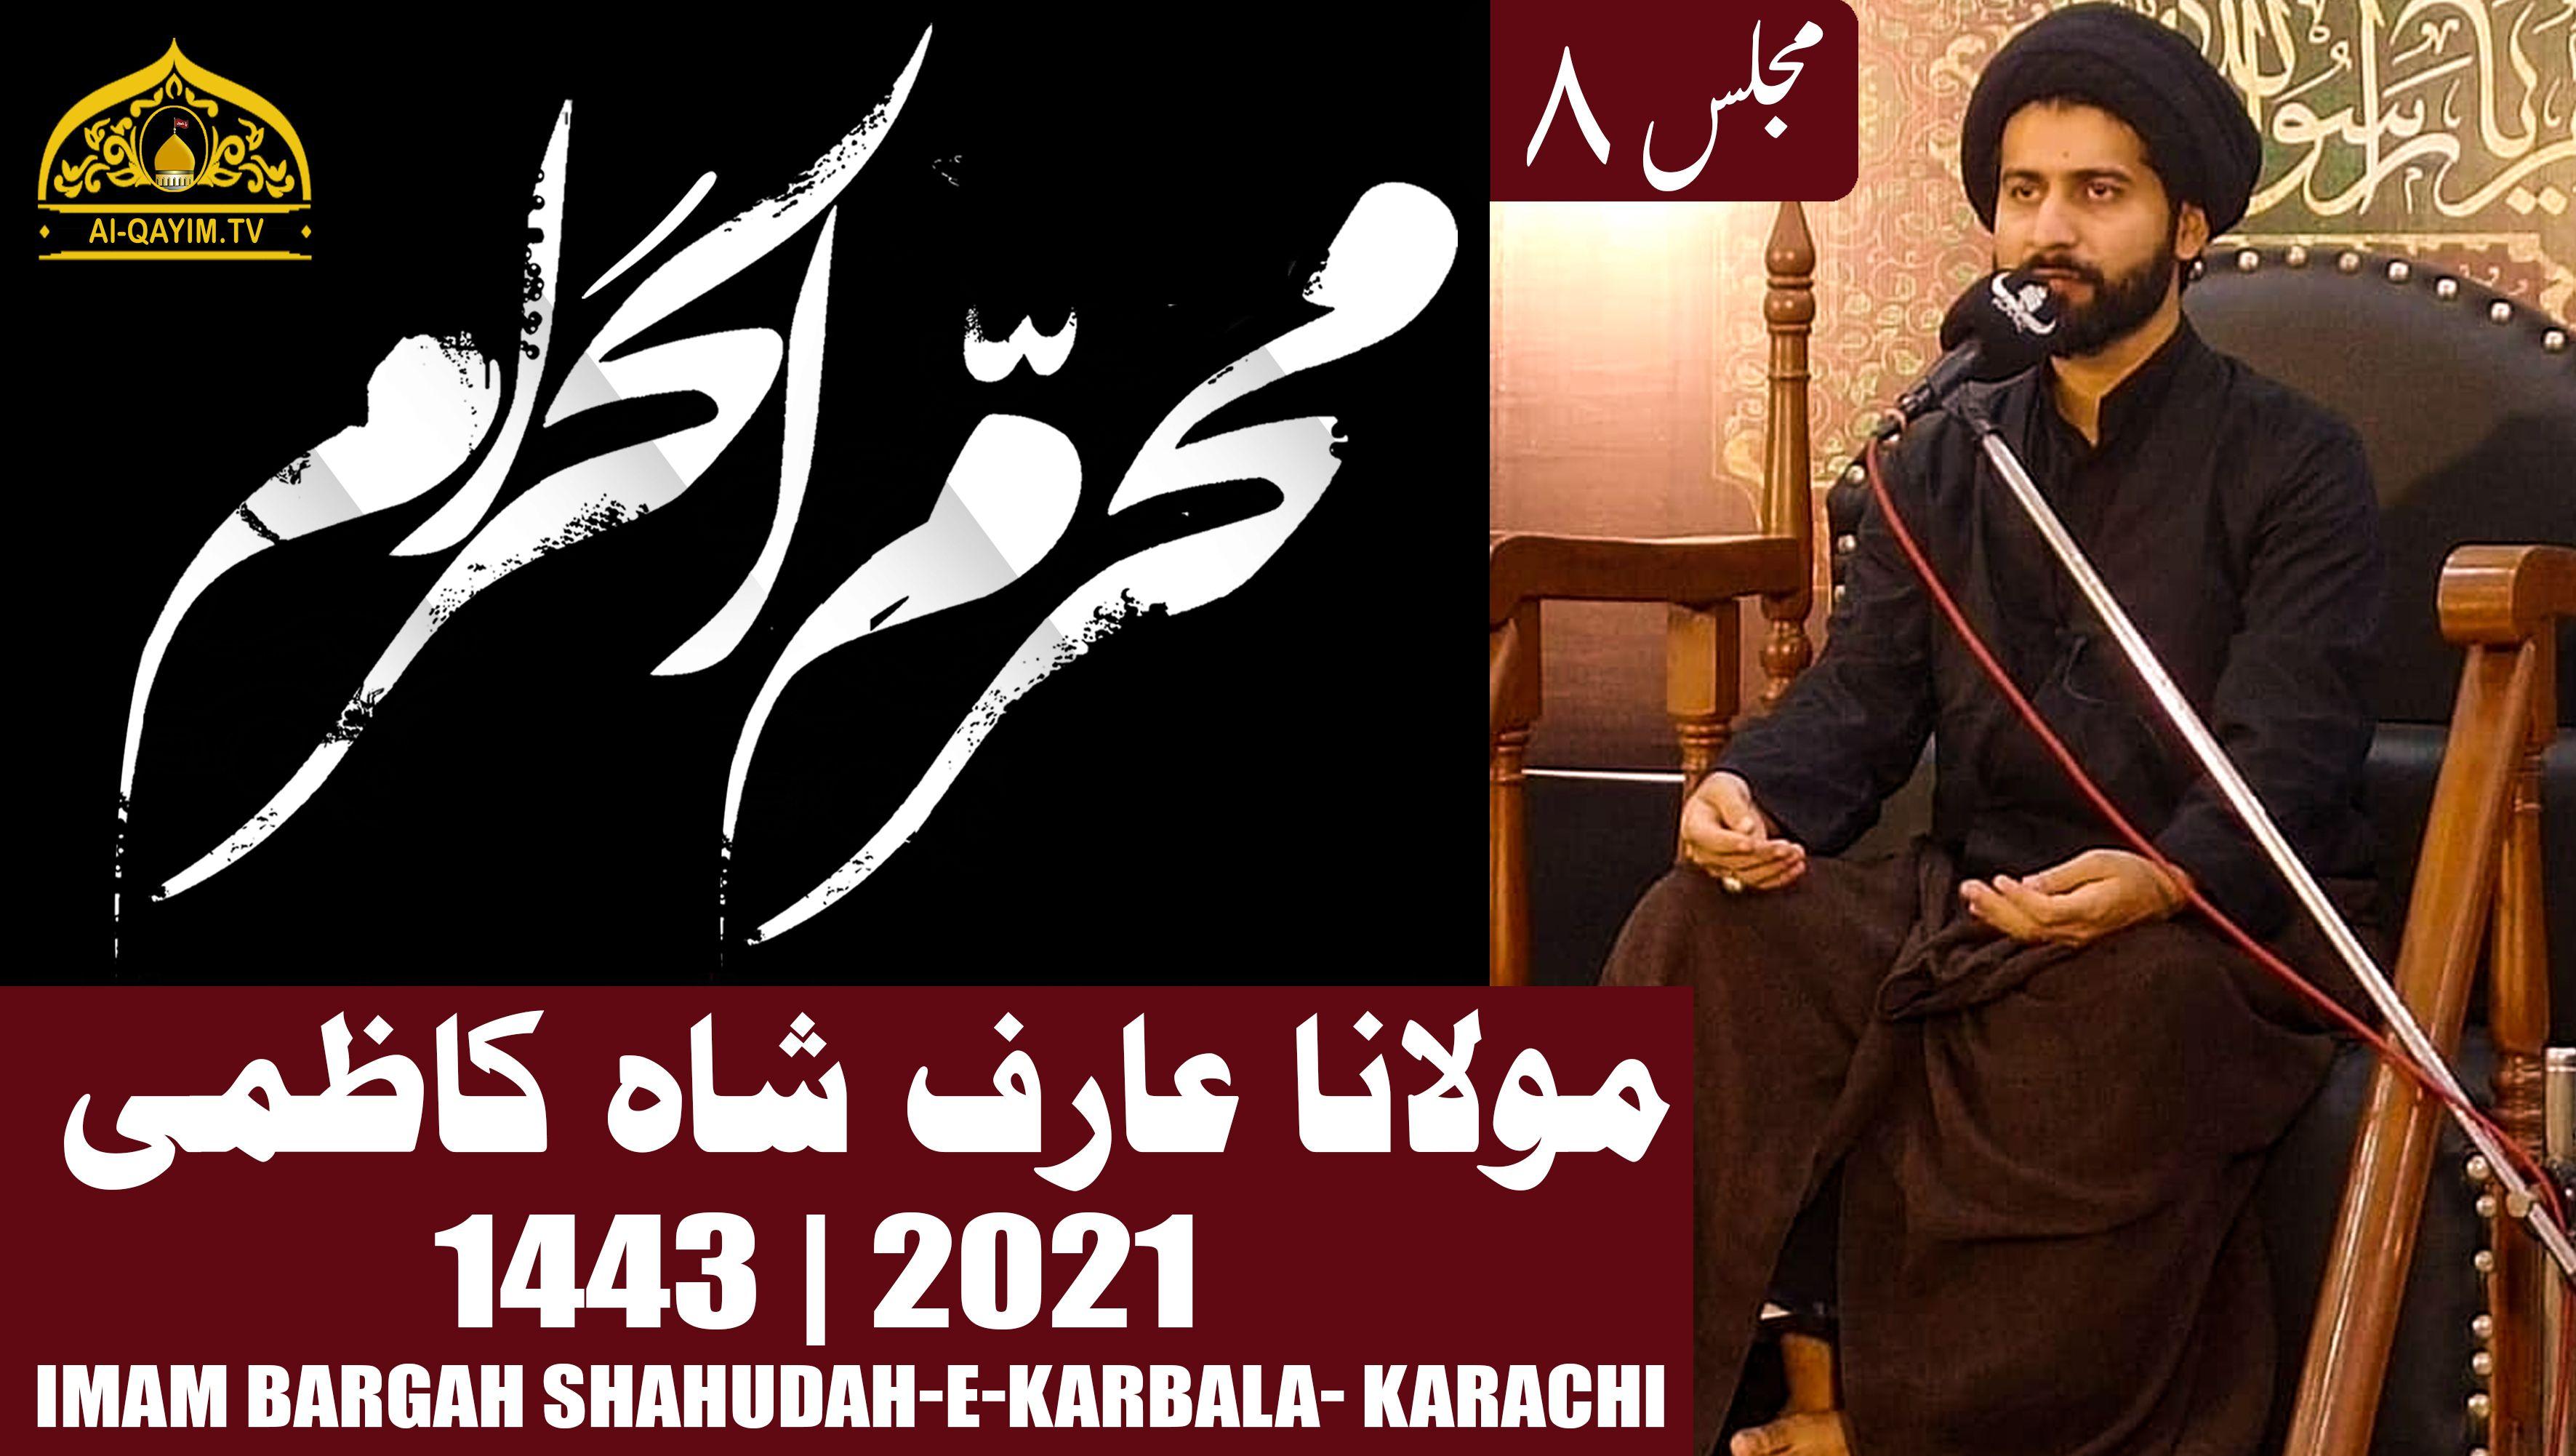 8th Muharram Majlis 1442/2021 | Moulana Arif Shah Kazmi - Imam Bargah Shuhdah-e-Karbala, Karachi